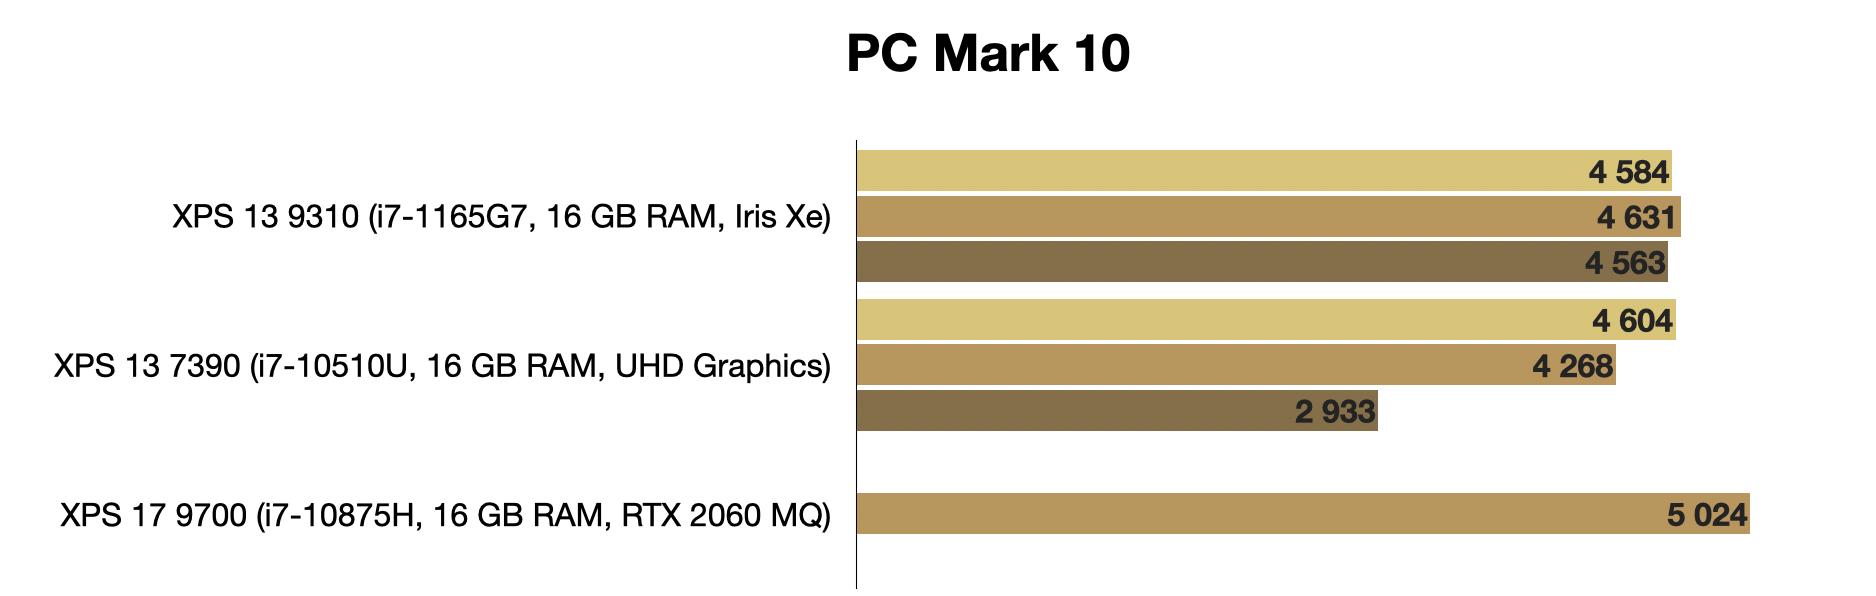 XPS 13 9310: эволюционный апгрейд флагманского ультрабука Dell с Tiger Lake внутри - 21